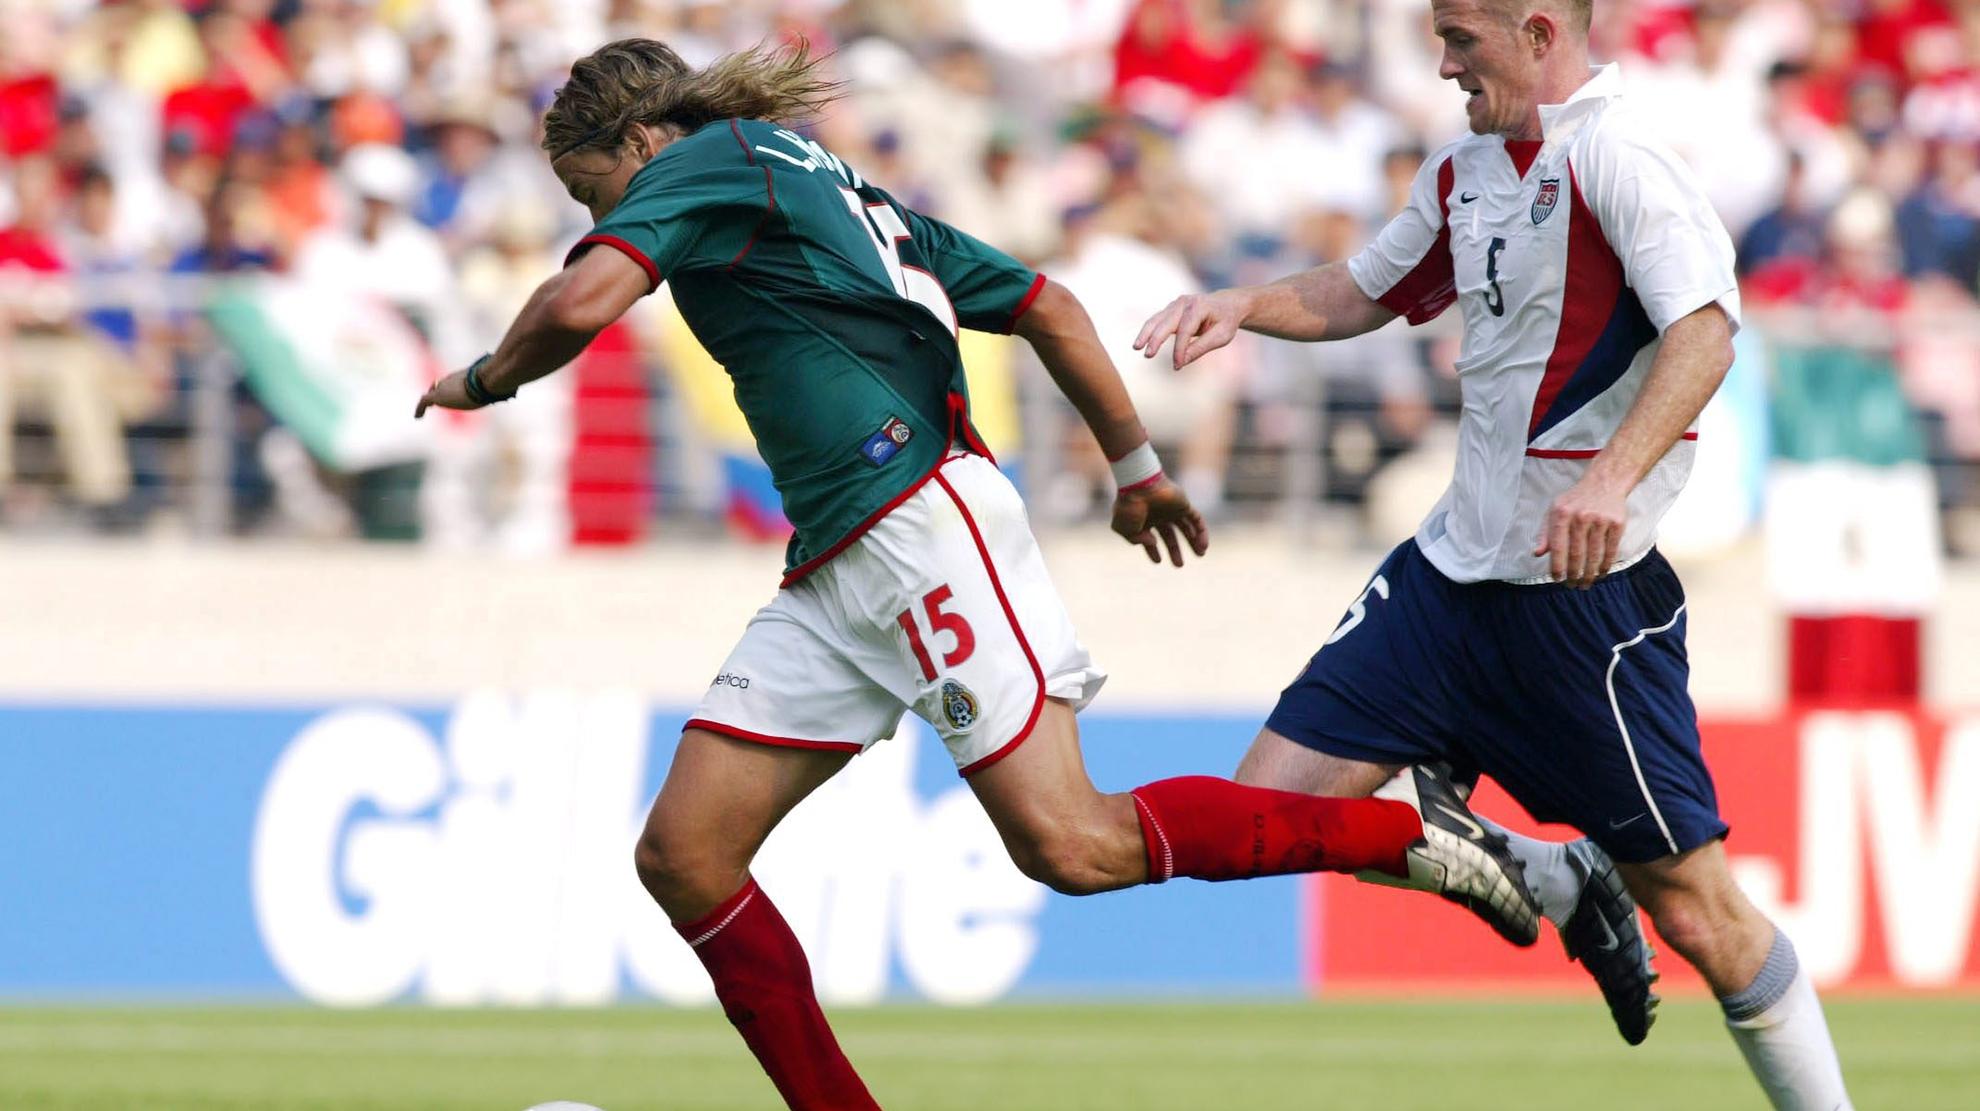 Matador Hernández